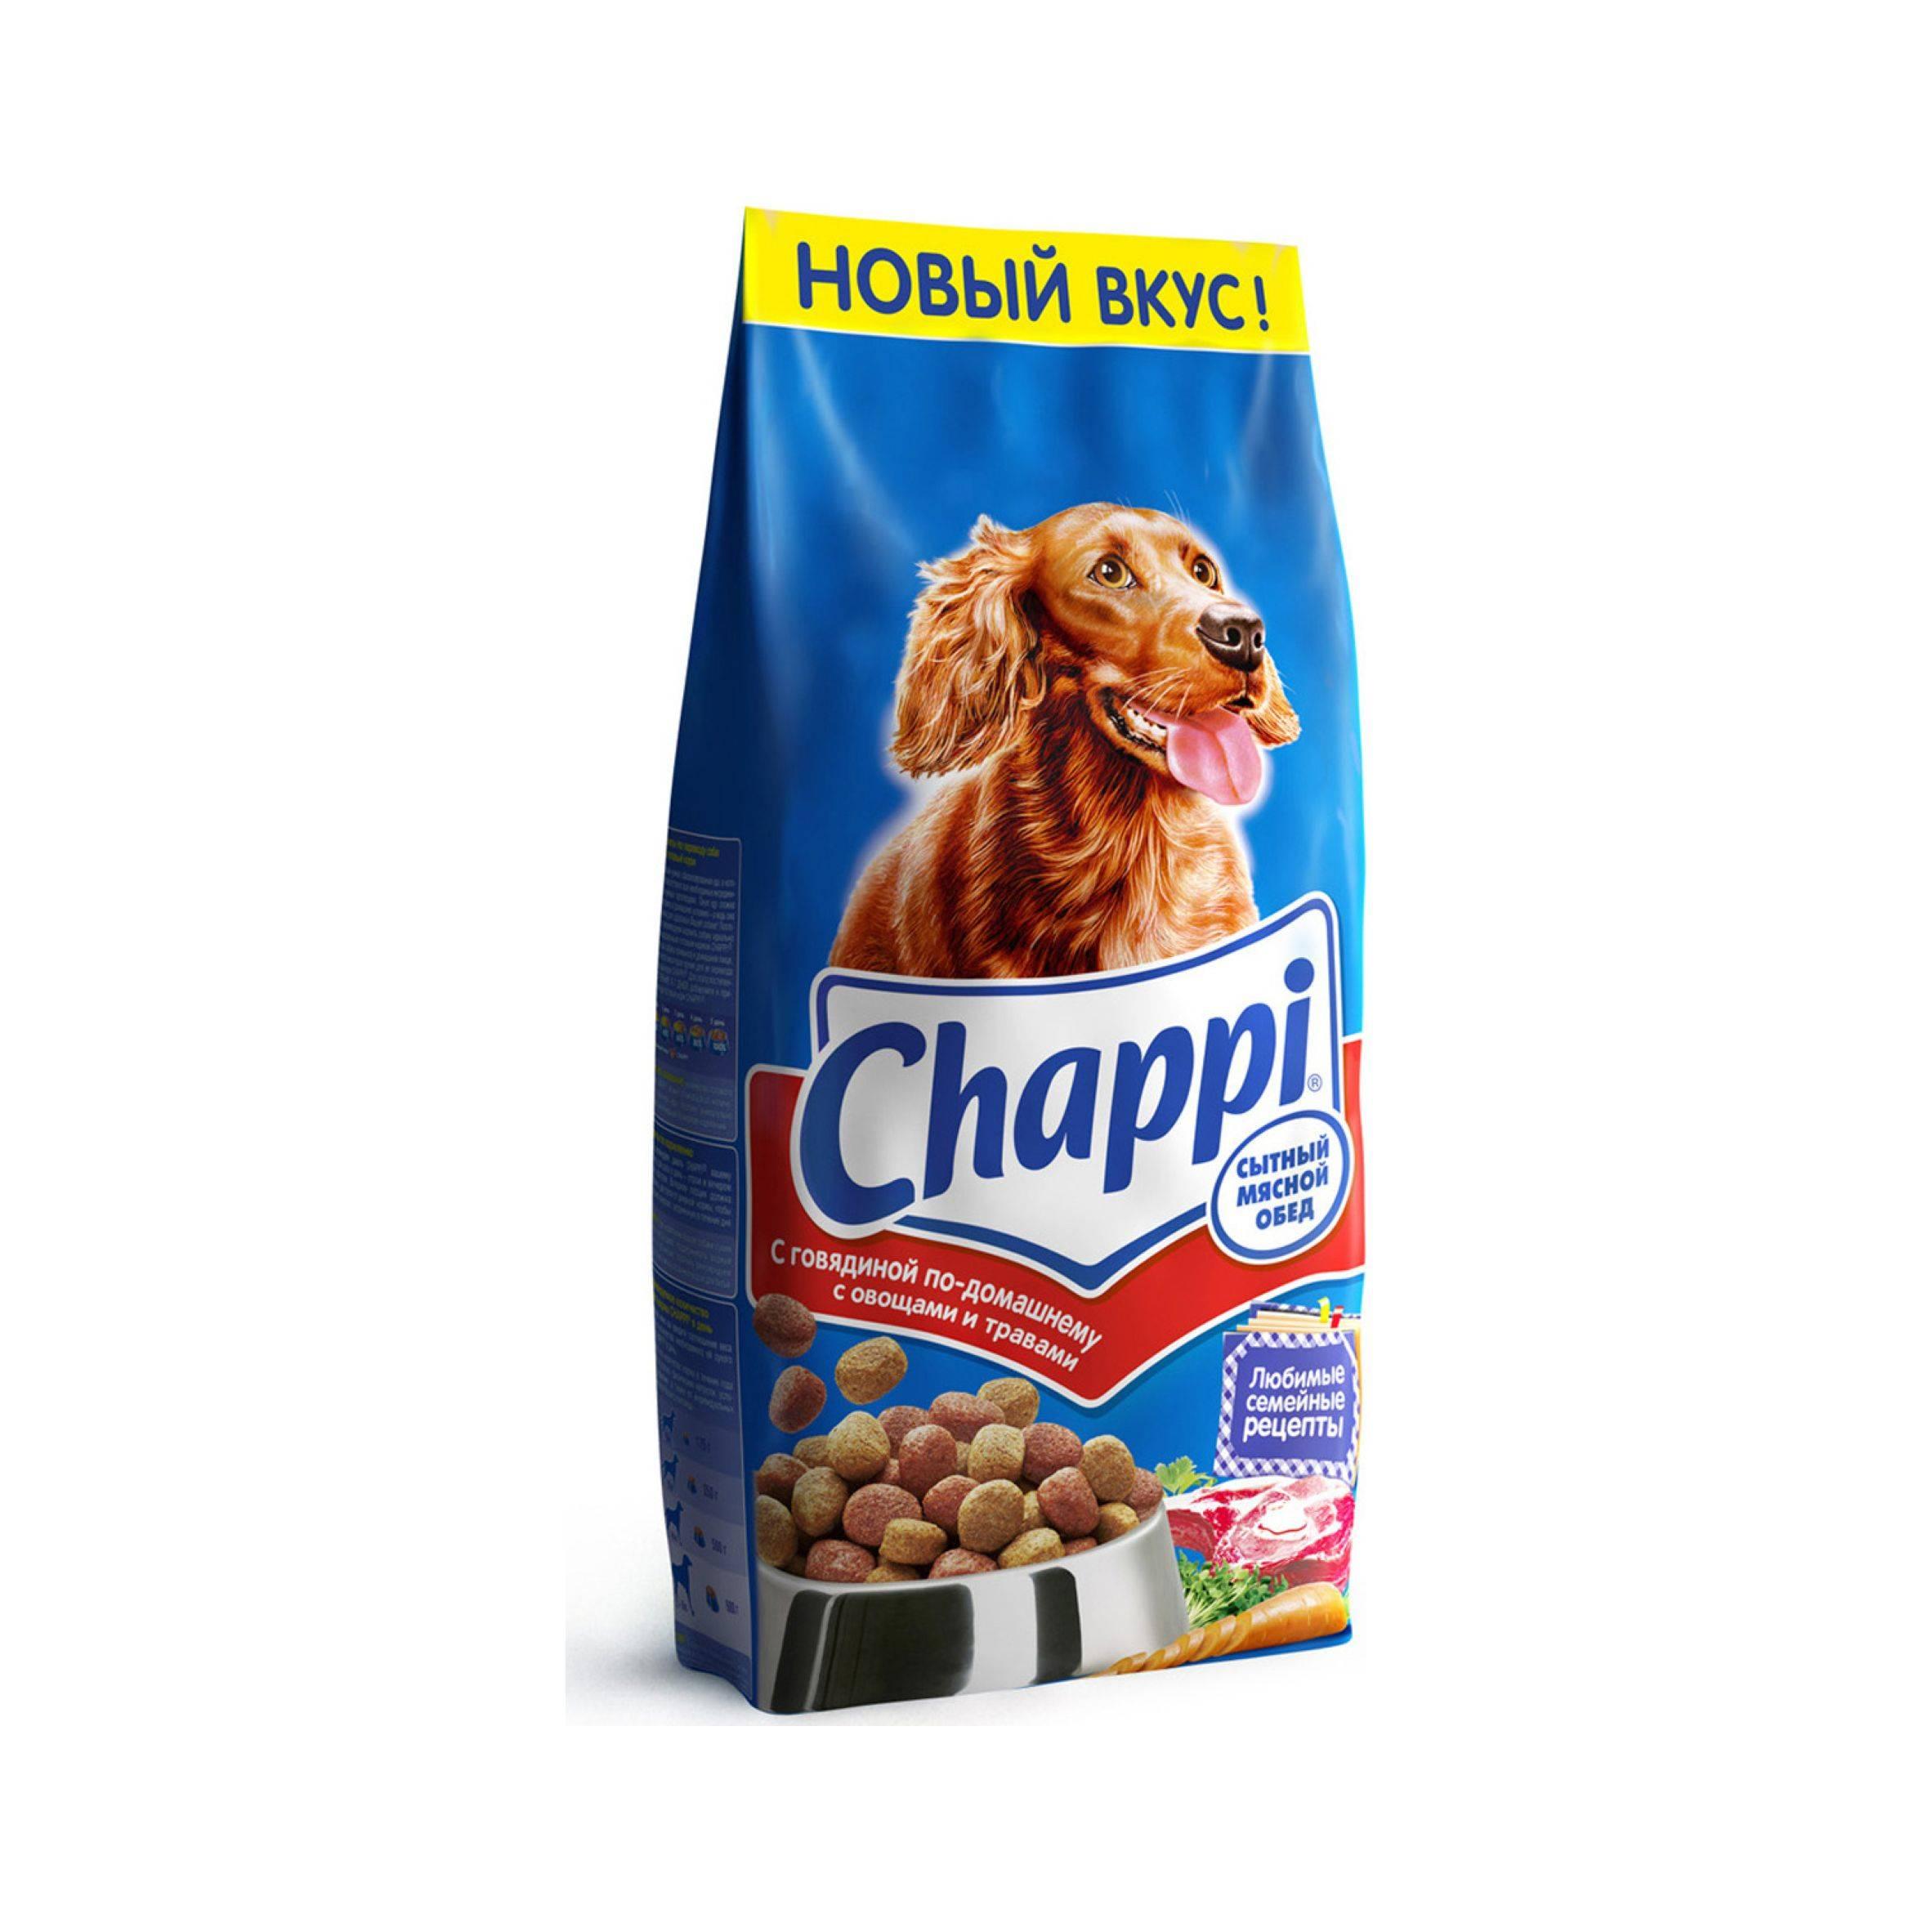 Сухой корм для собак chappi - обзор и отзывы